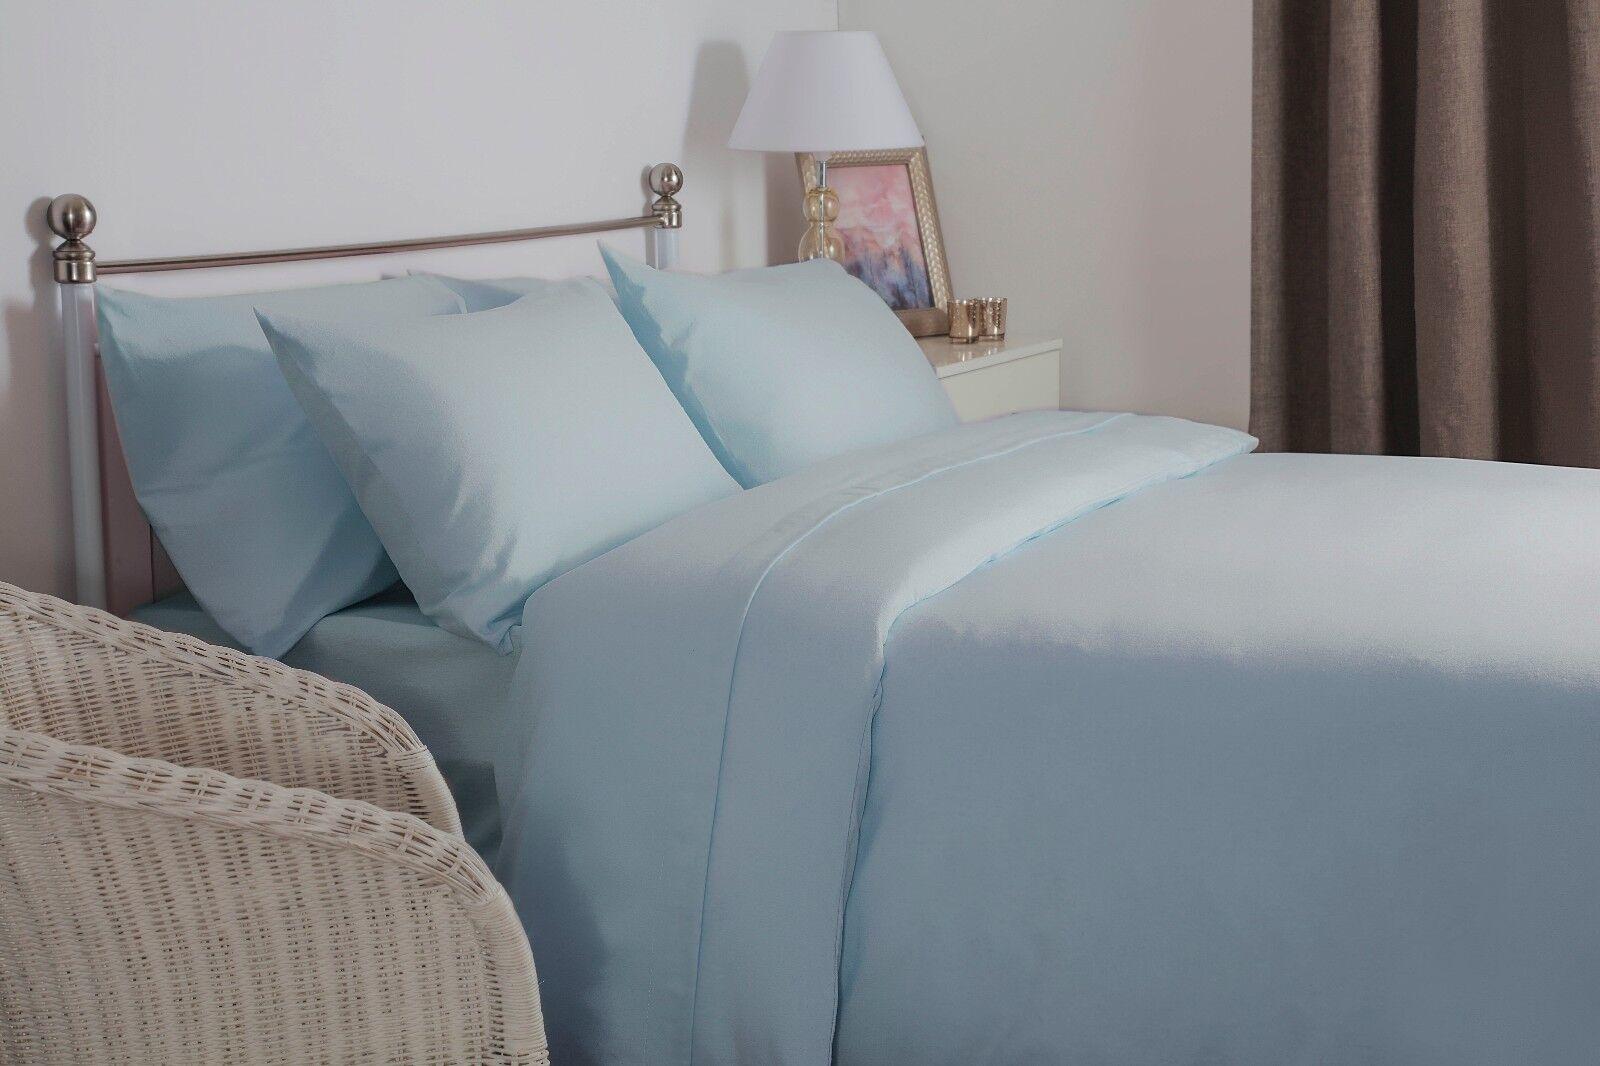 100% Brushed Cotton Plain Flannelette King Größe Duvet Cover Set in Blau